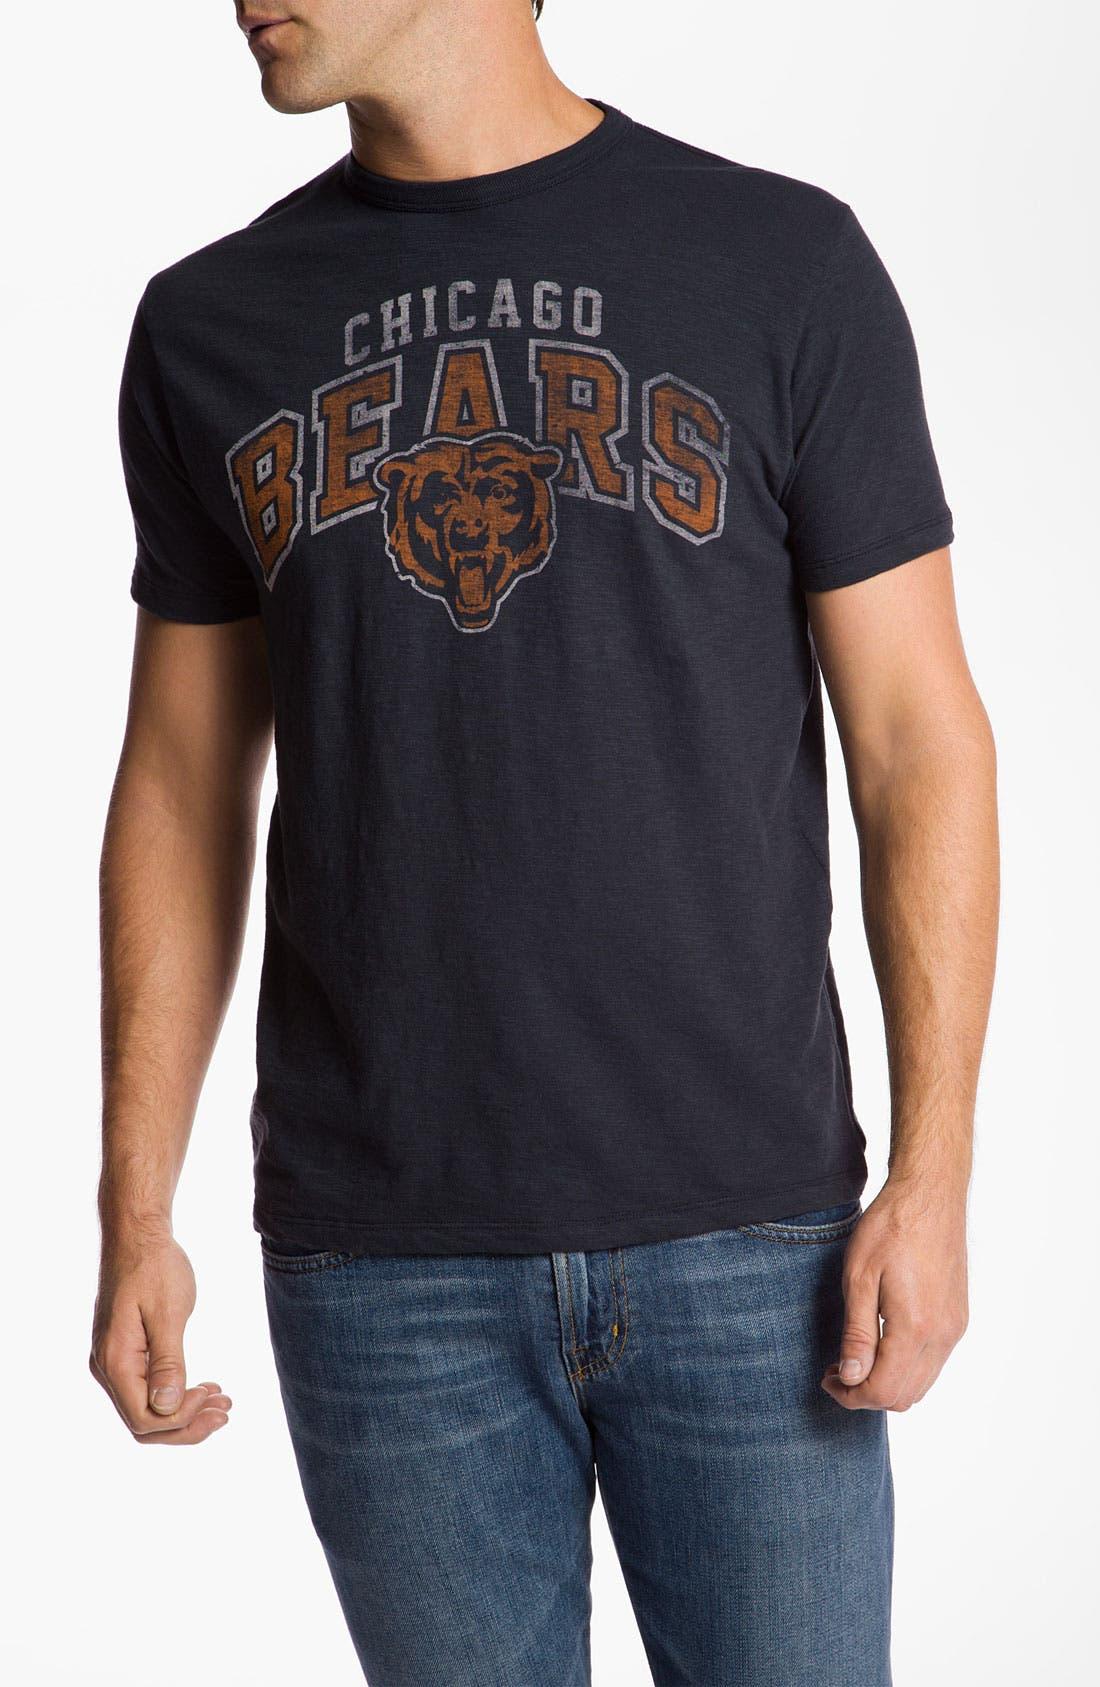 Alternate Image 1 Selected - Banner 47 'Chicago Bears' T-Shirt